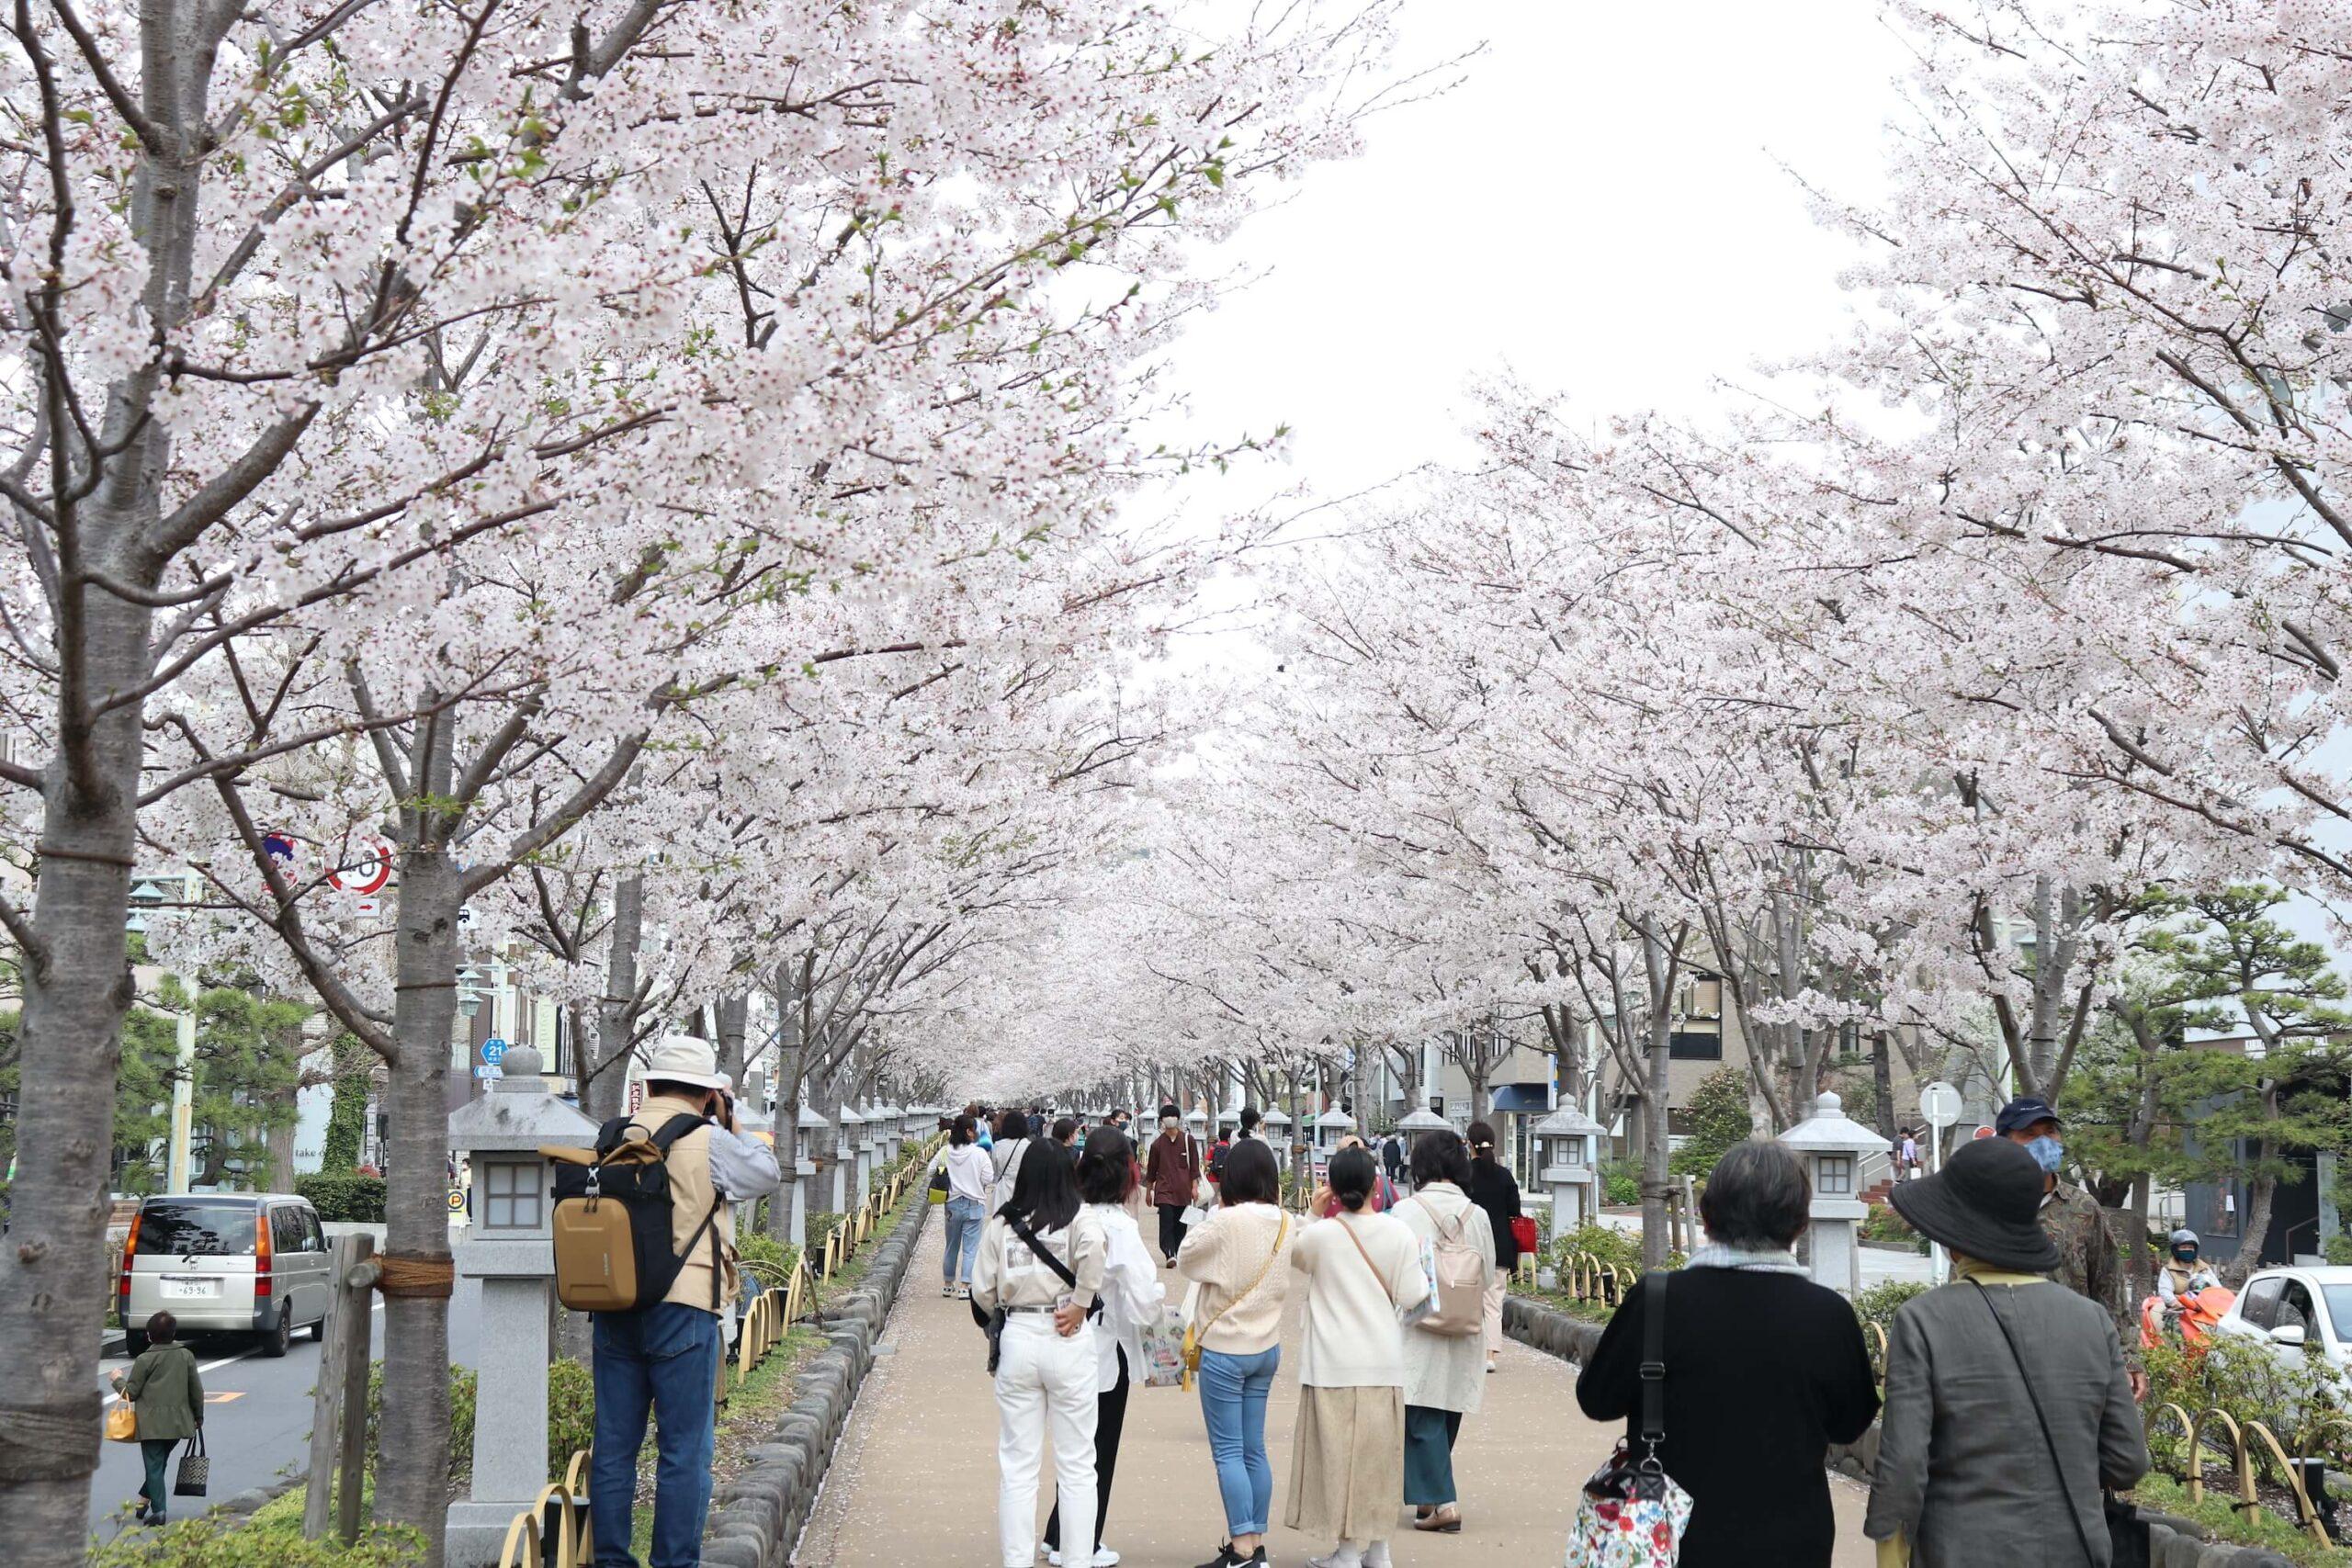 桜が満開の春の段葛